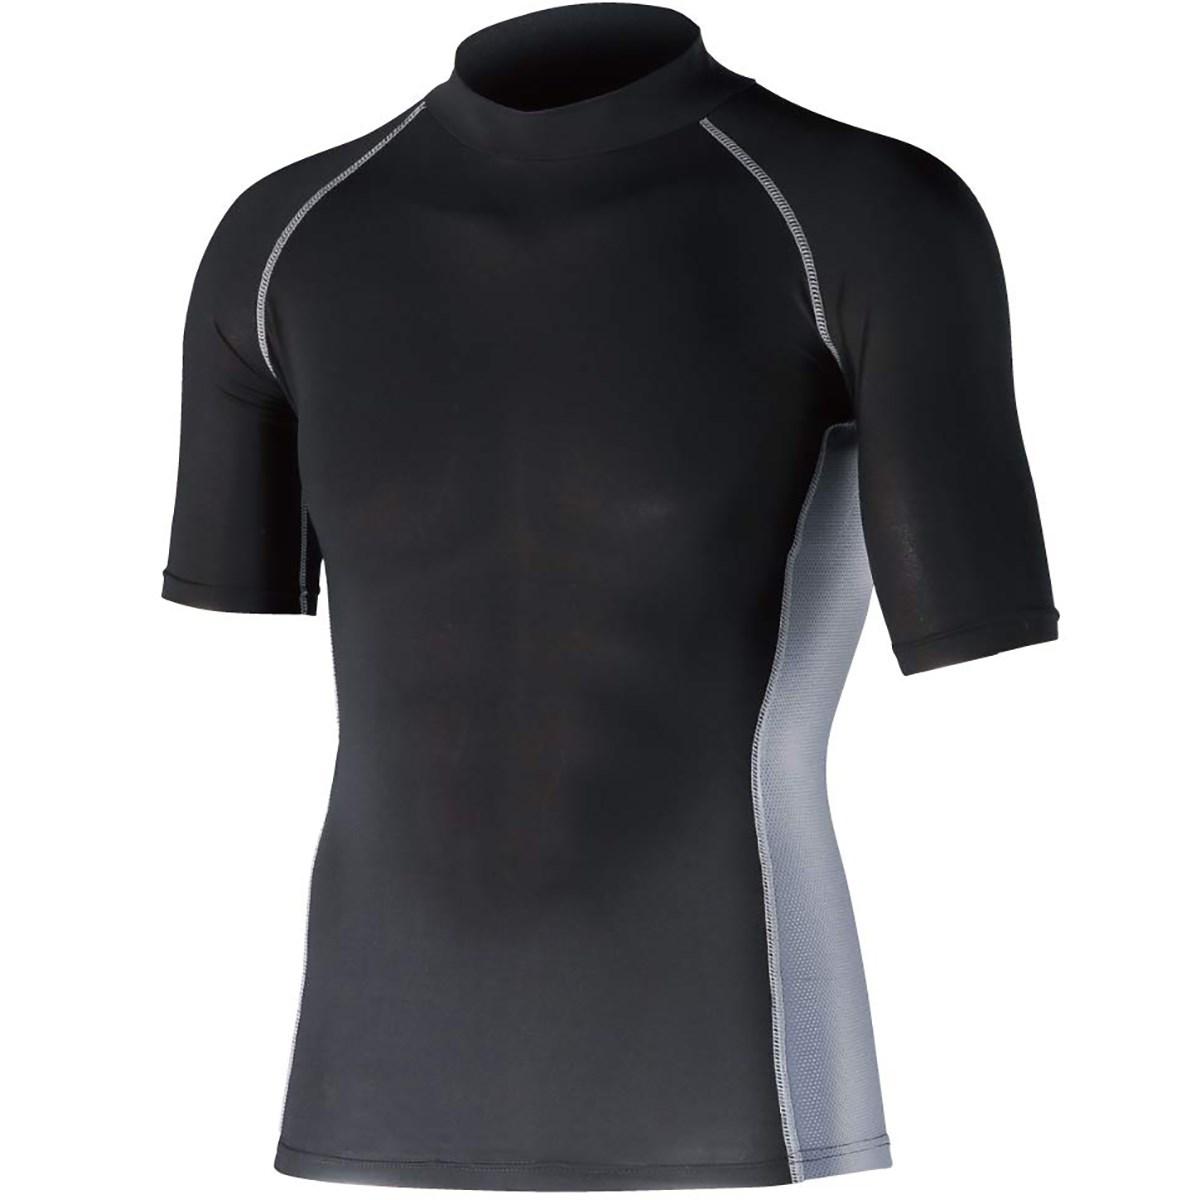 ボディタフネス 冷感 消臭 パワーストレッチ 半袖ハイネックインナーシャツ